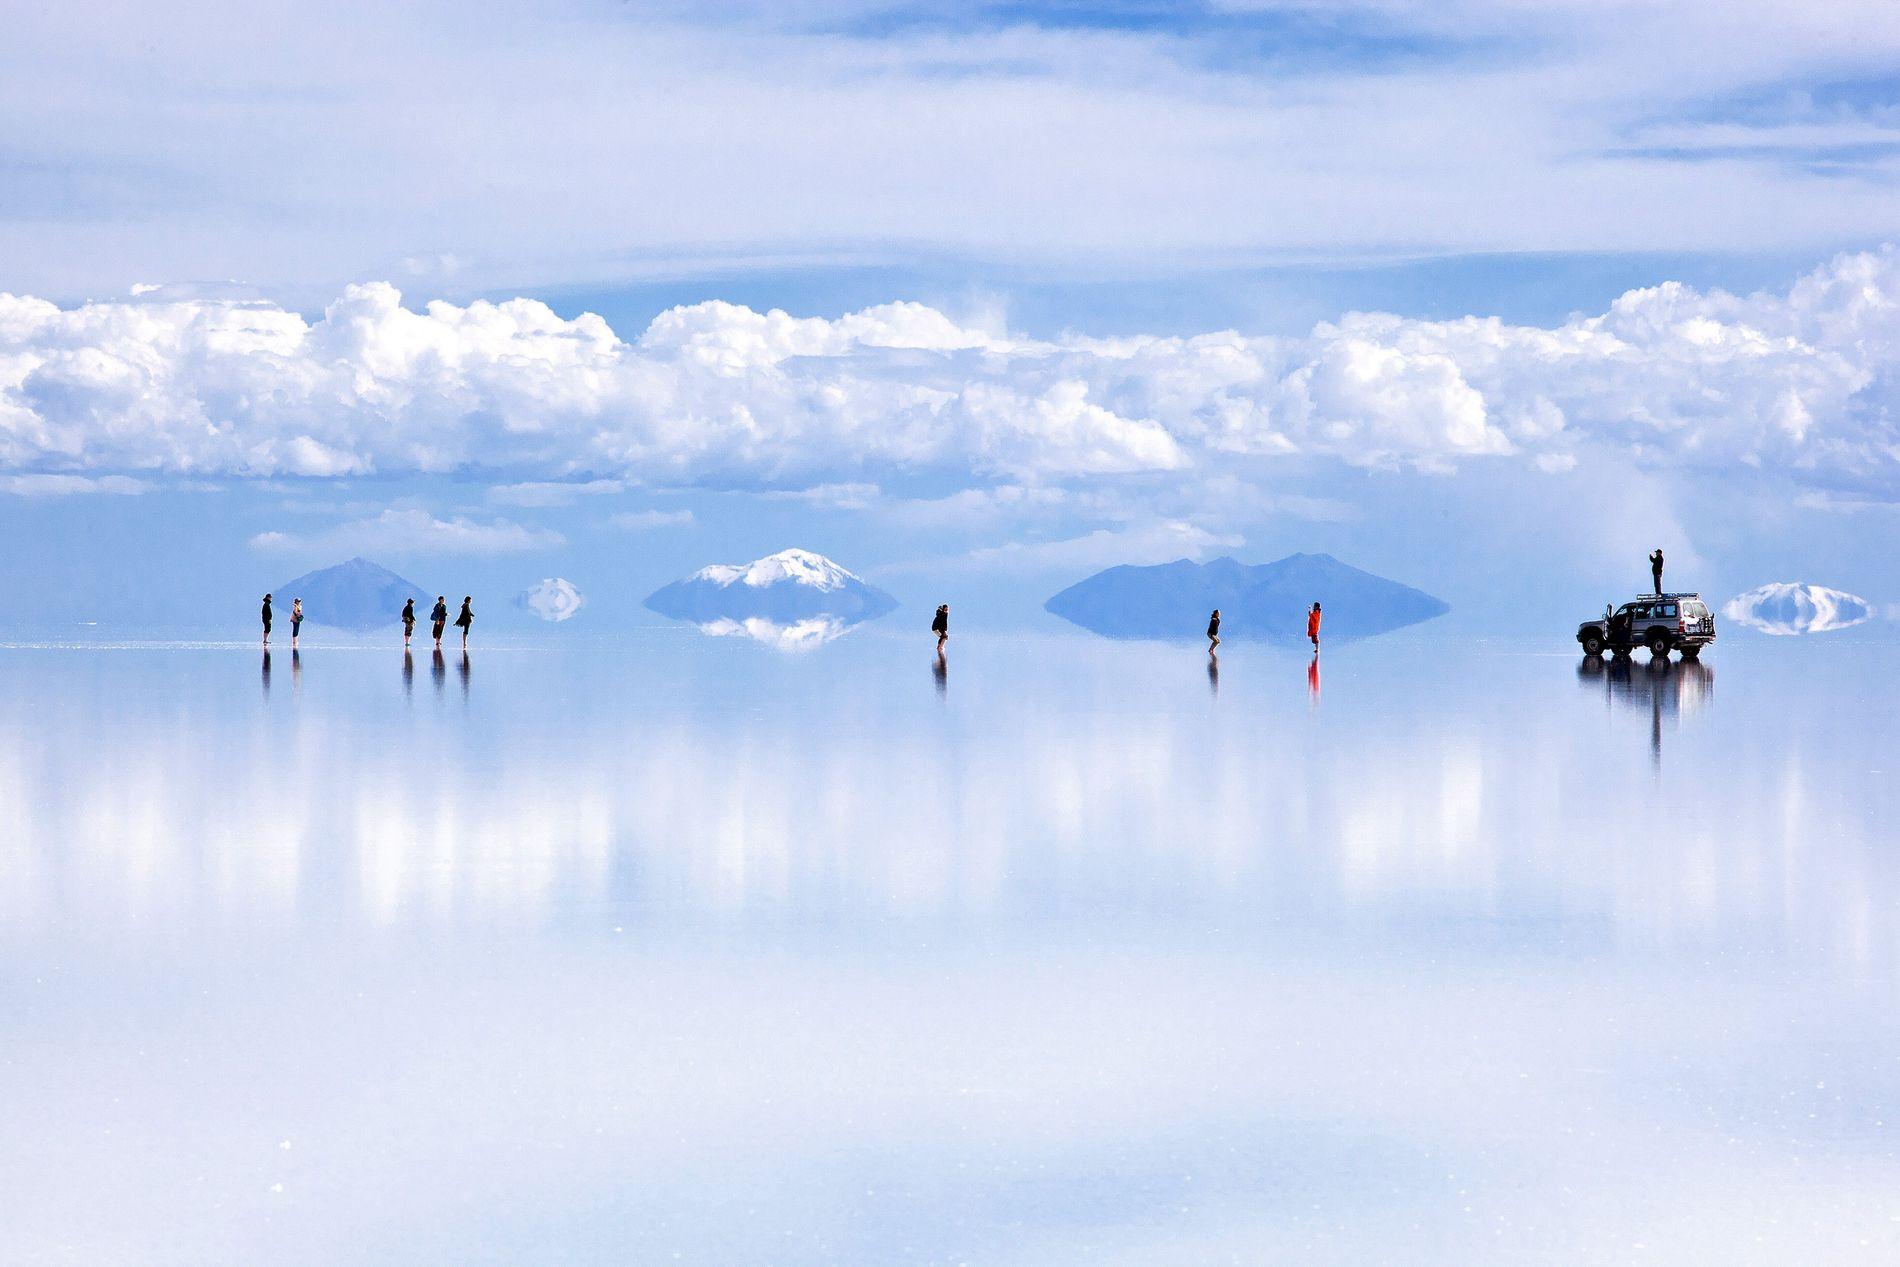 Die Weiten von Boliviens Salzpfanne gehören zu den schönsten Anblicken der Erde